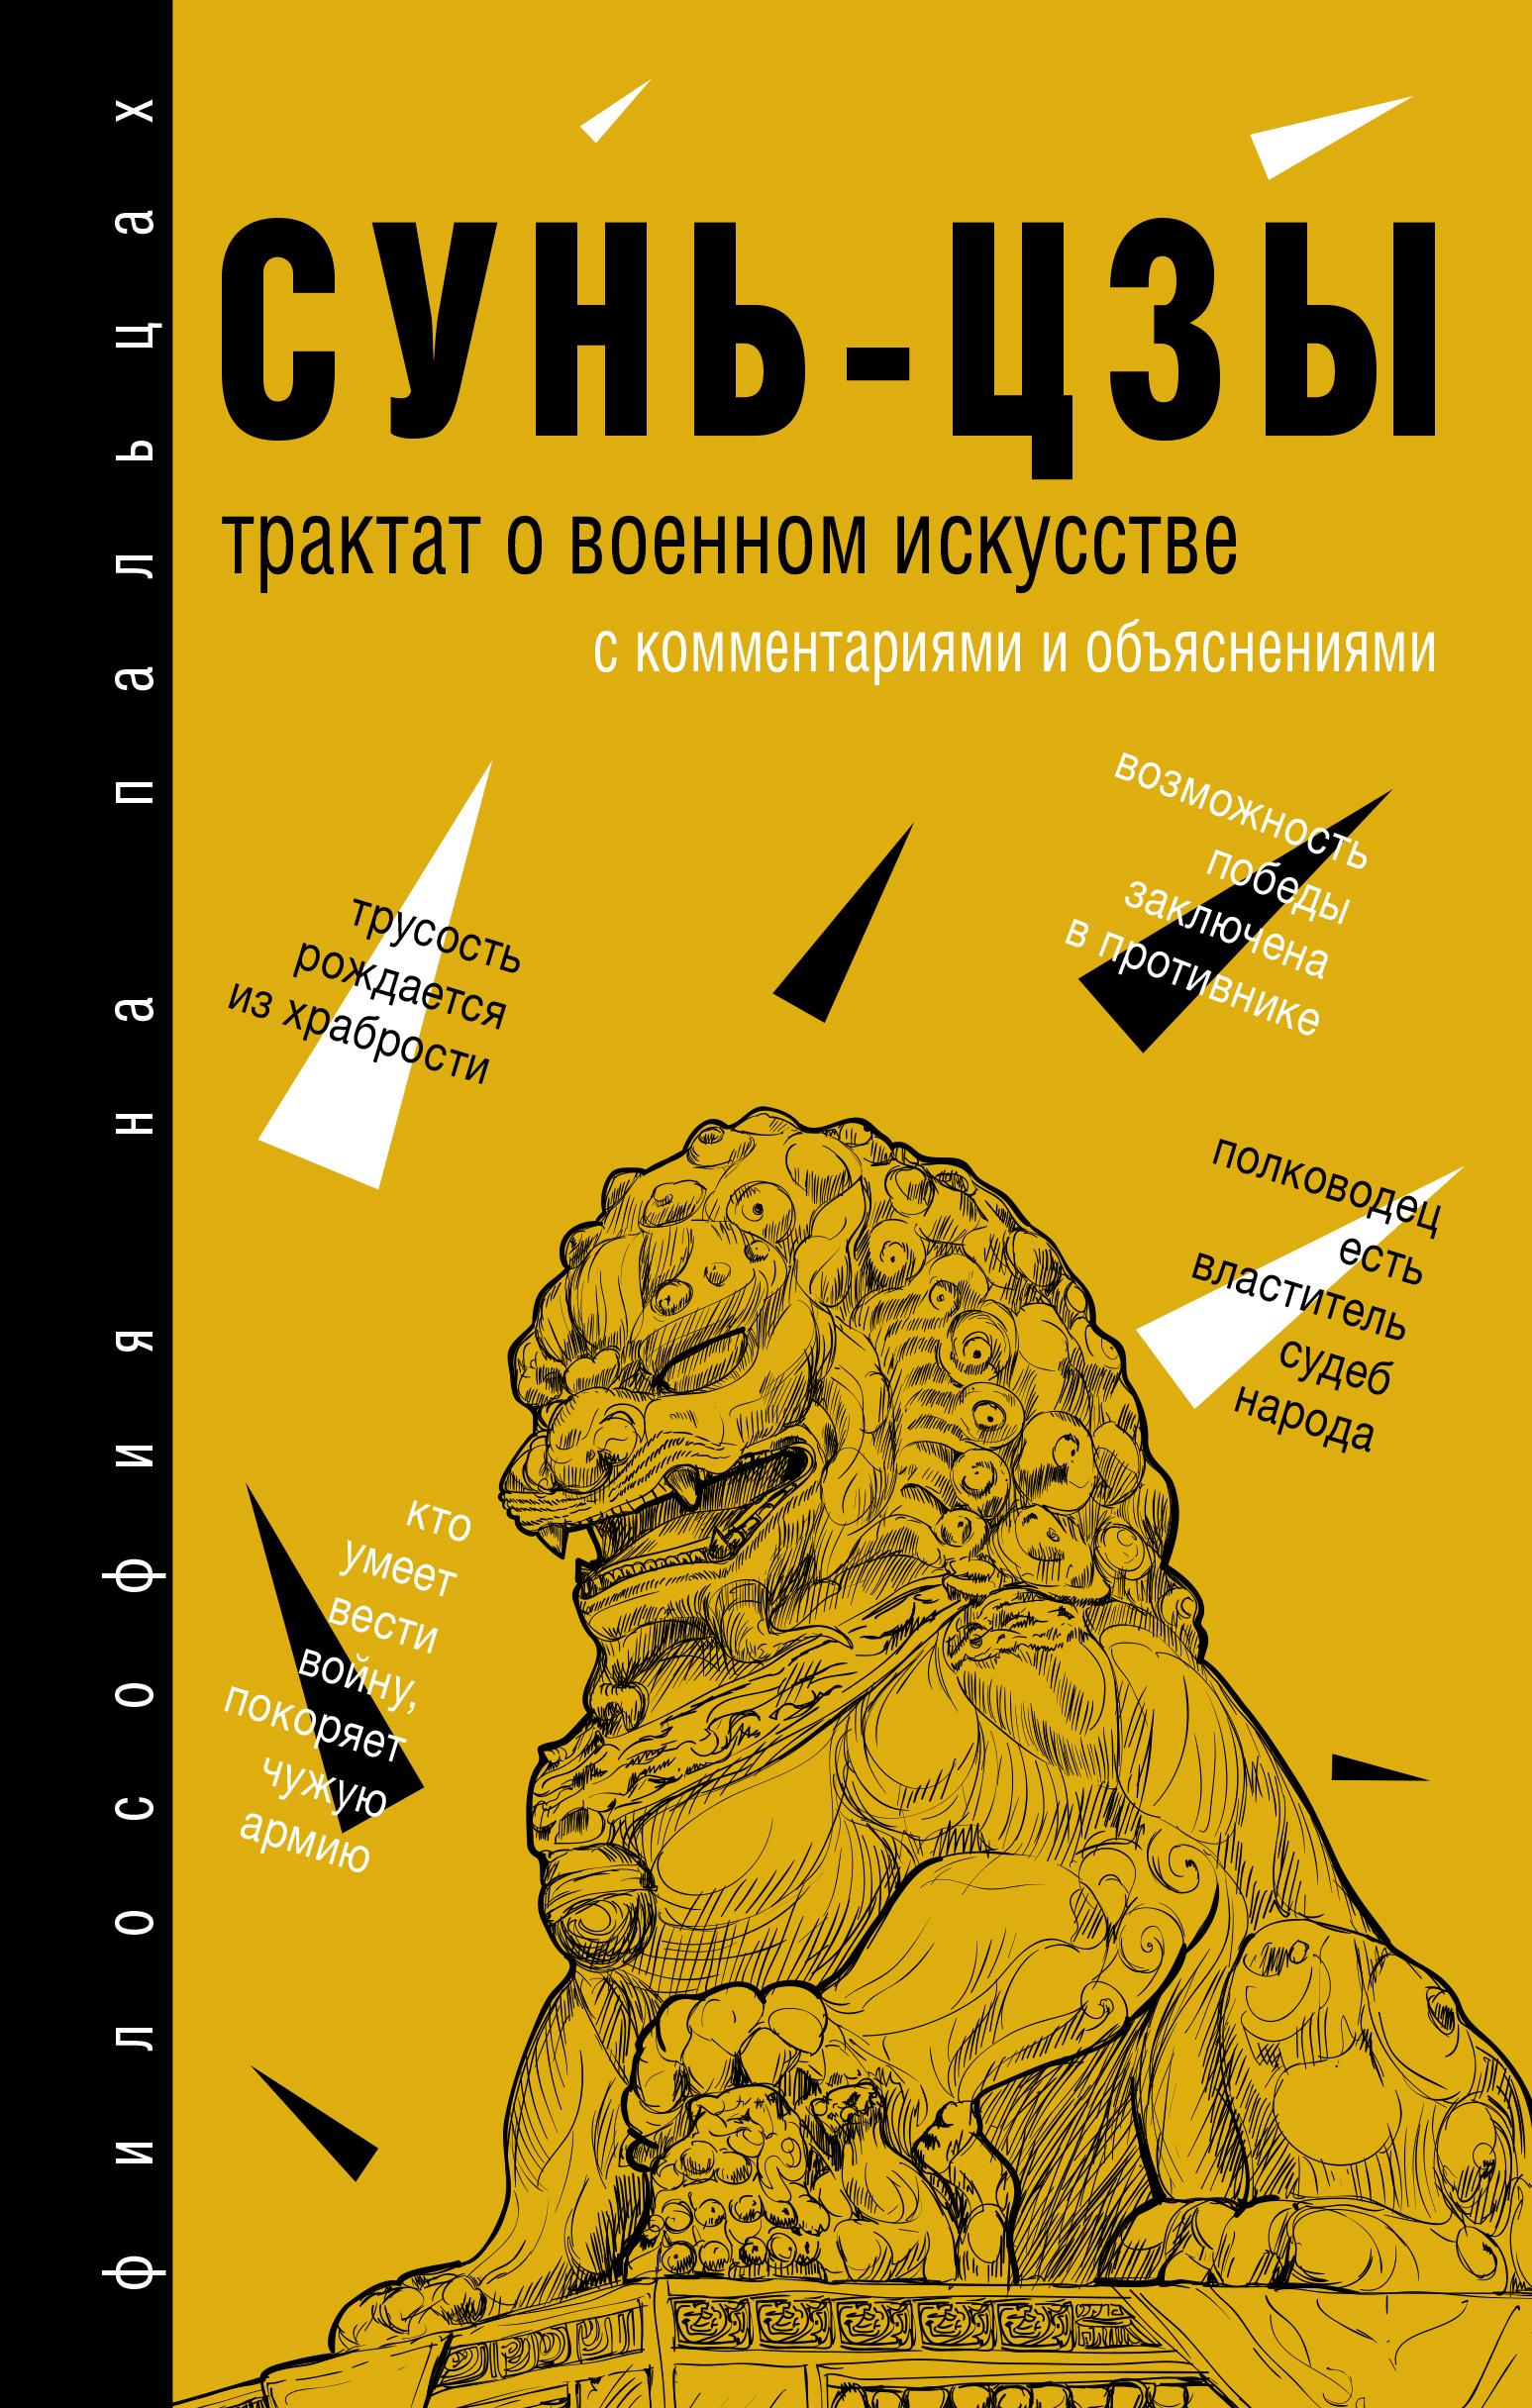 Трактат о военном искусстве ( Сунь-цзы  )